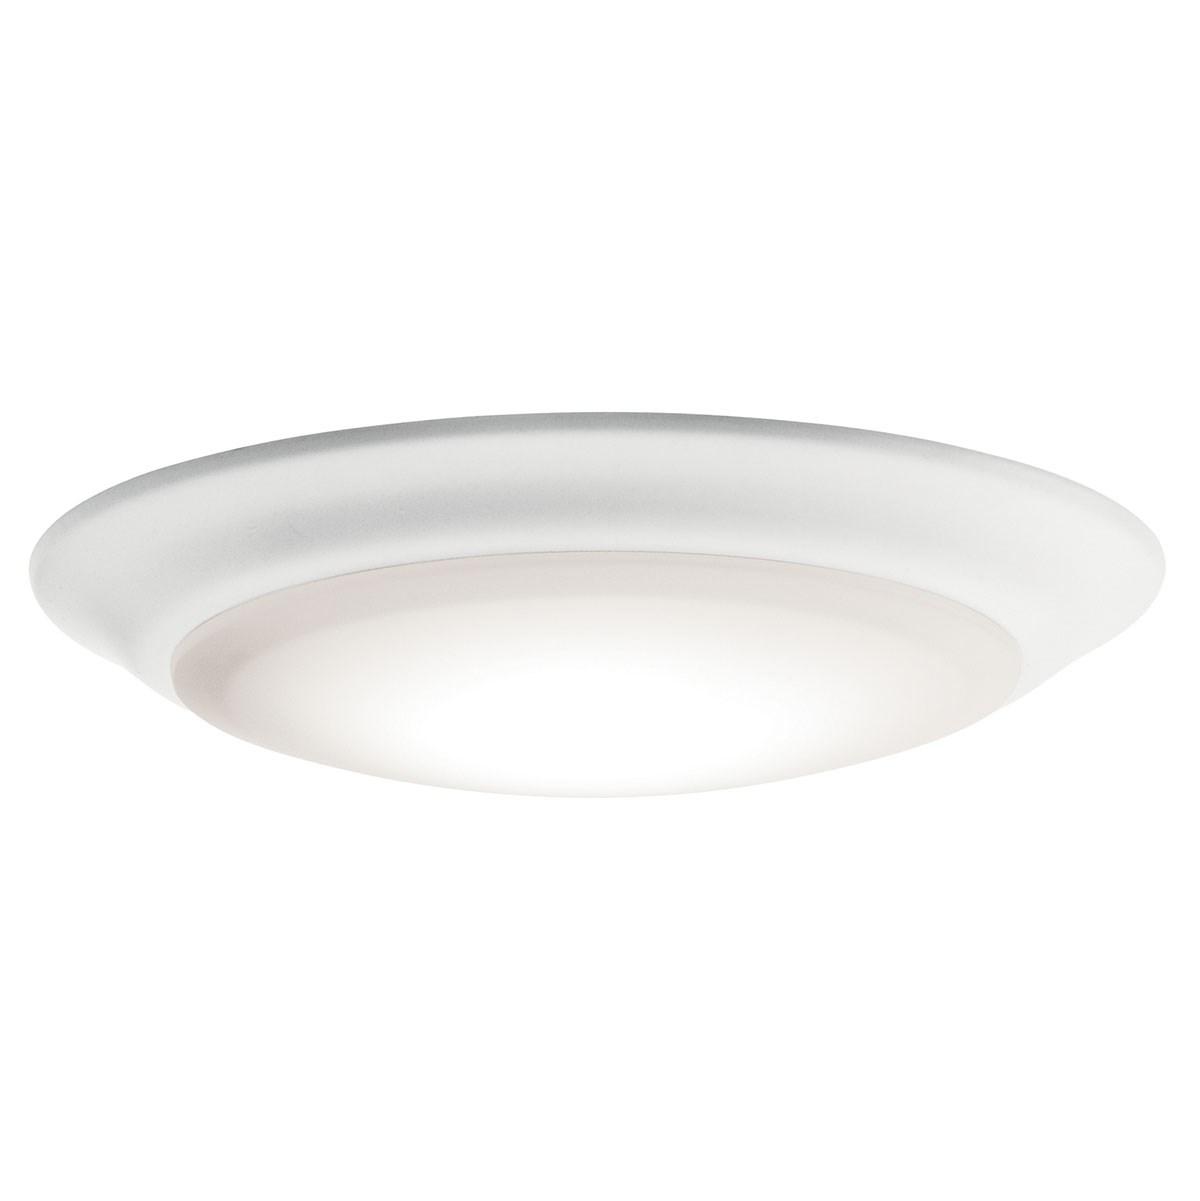 buy popular 7fe78 6b28b Downlight Gen II 2700K T24 LED Flush Mount 24 Pack White ...